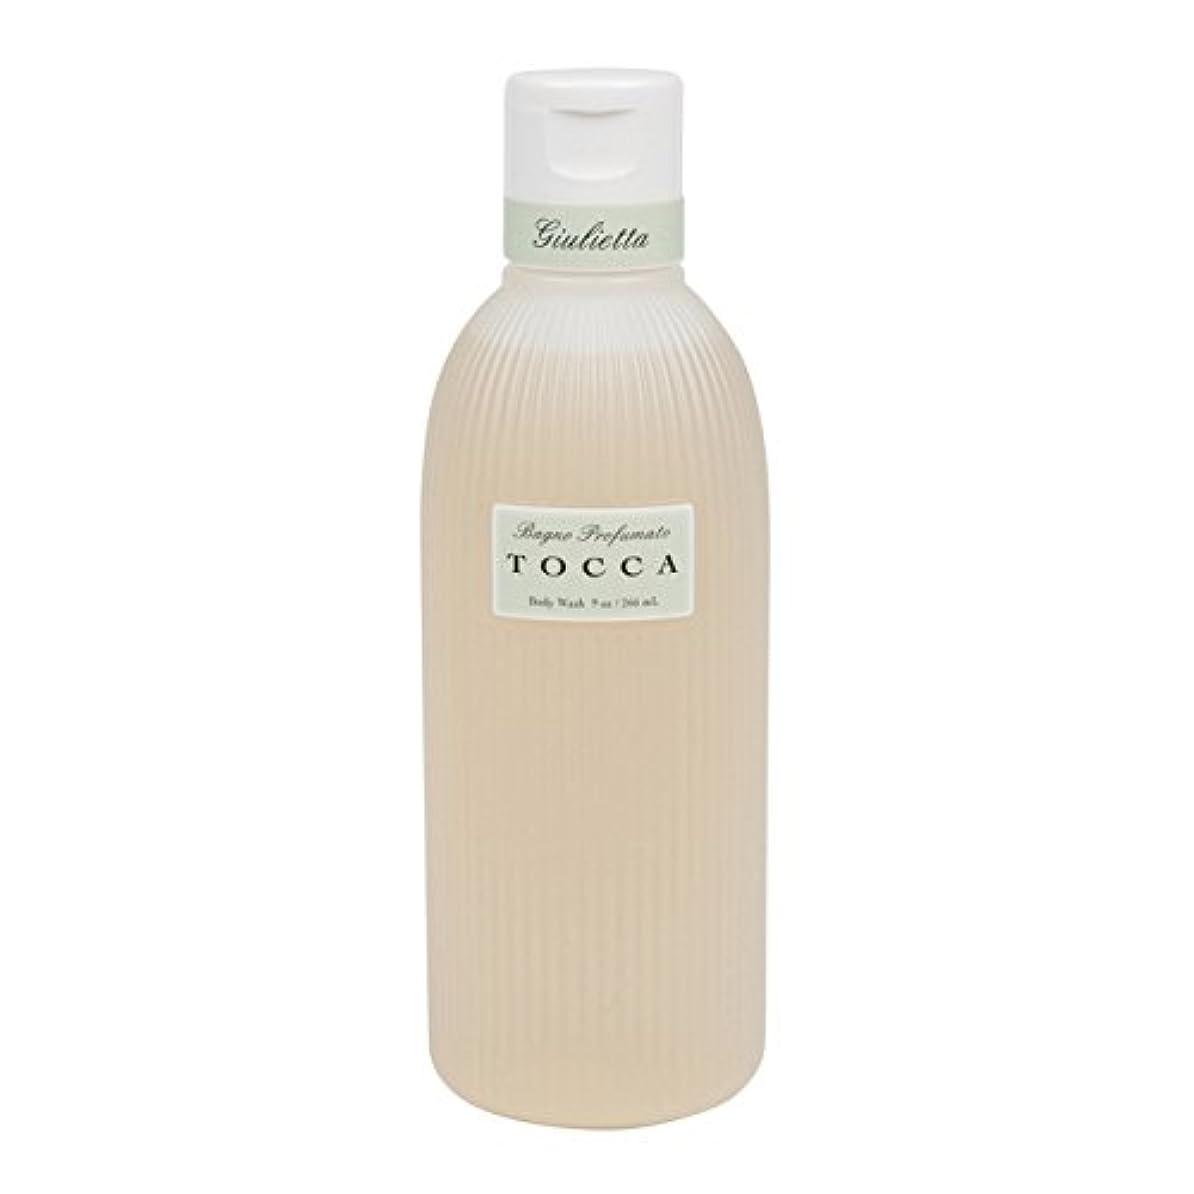 涙が出る配列封筒トッカ(TOCCA) ボディーケアウォッシュ ジュリエッタの香り  266ml(全身用洗浄料 ボディーソープ ピンクチューリップとグリーンアップルの爽やかで甘い香り)